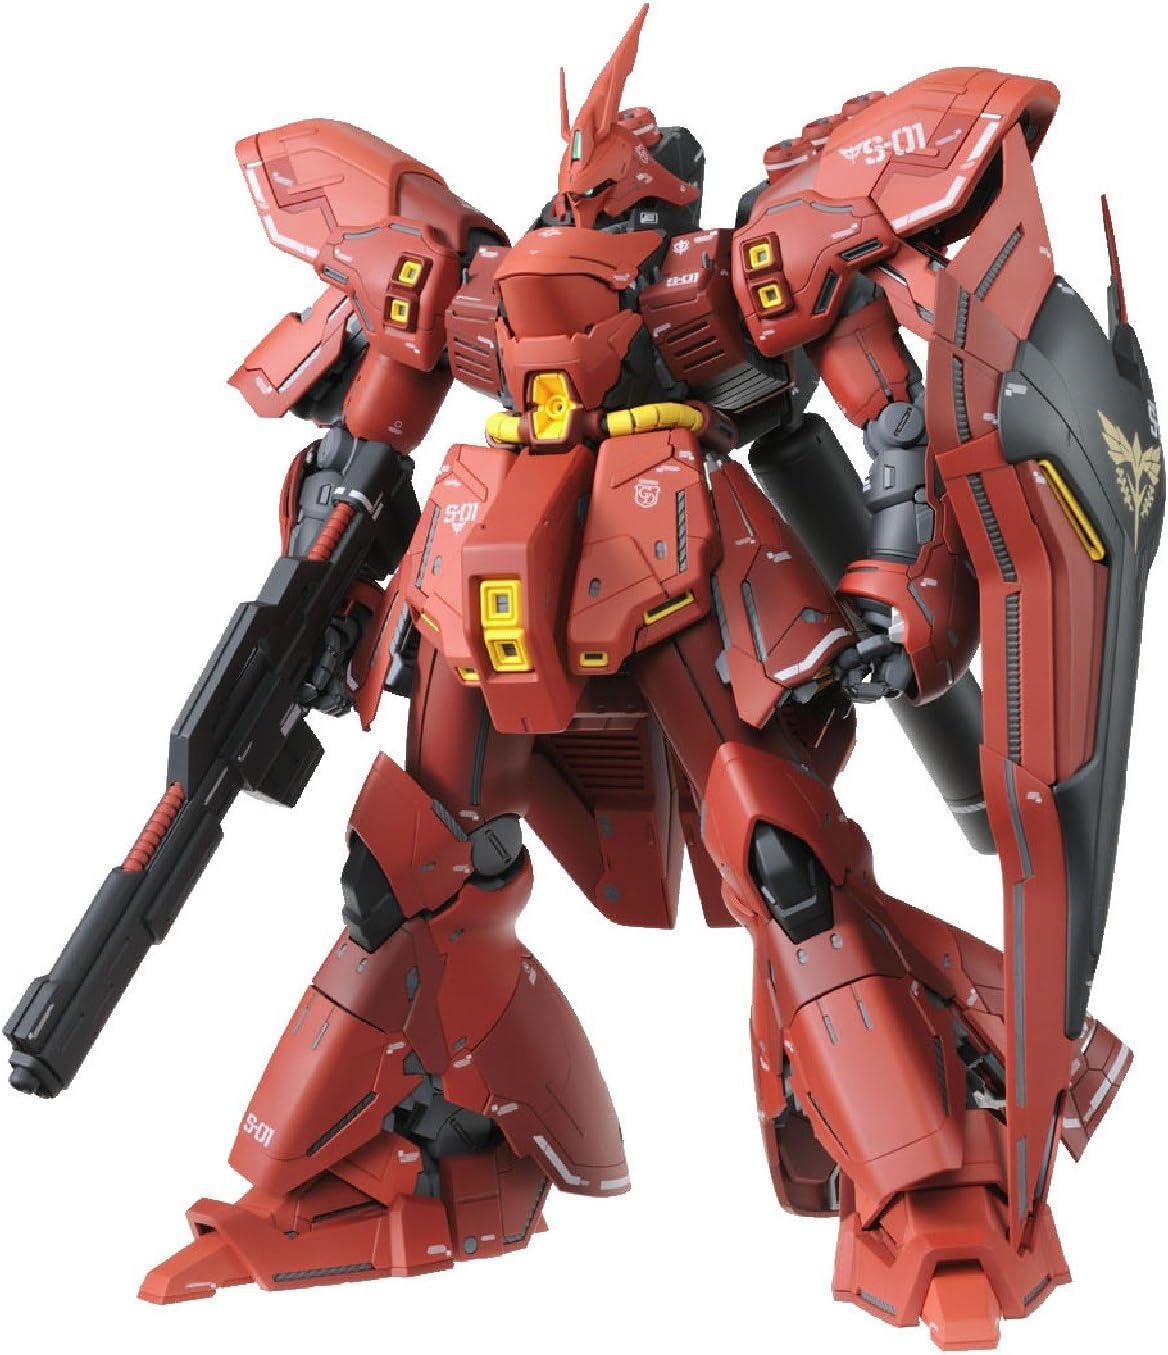 Bandai Hobby MG Gundam Armature Bleue Clair /échelle 1//100 Kit de Construction deuxi/ème Version r/évis/ée